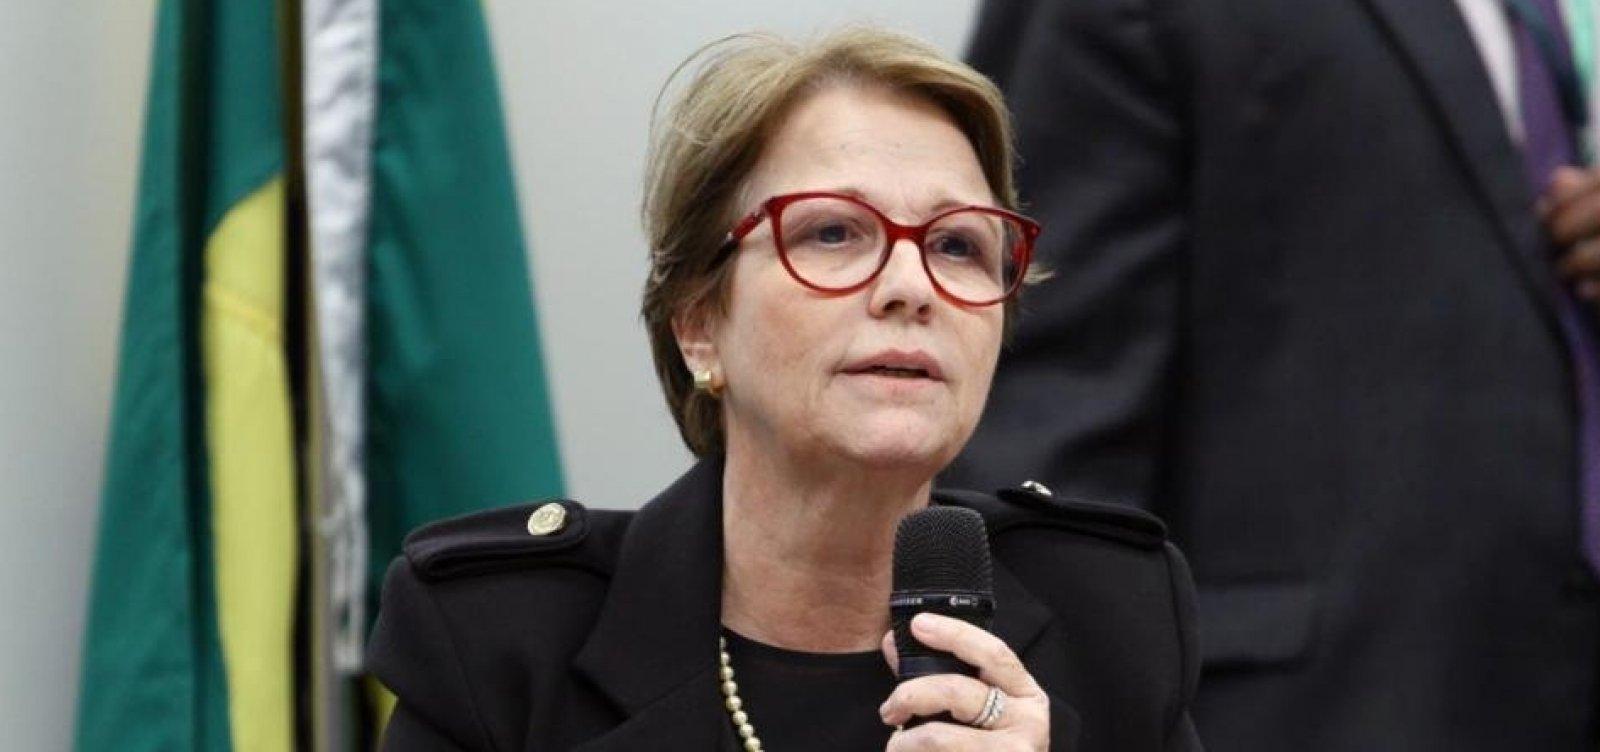 ['Brasileiro não passa muita fome porque tem muita manga', diz ministra da Agricultura]